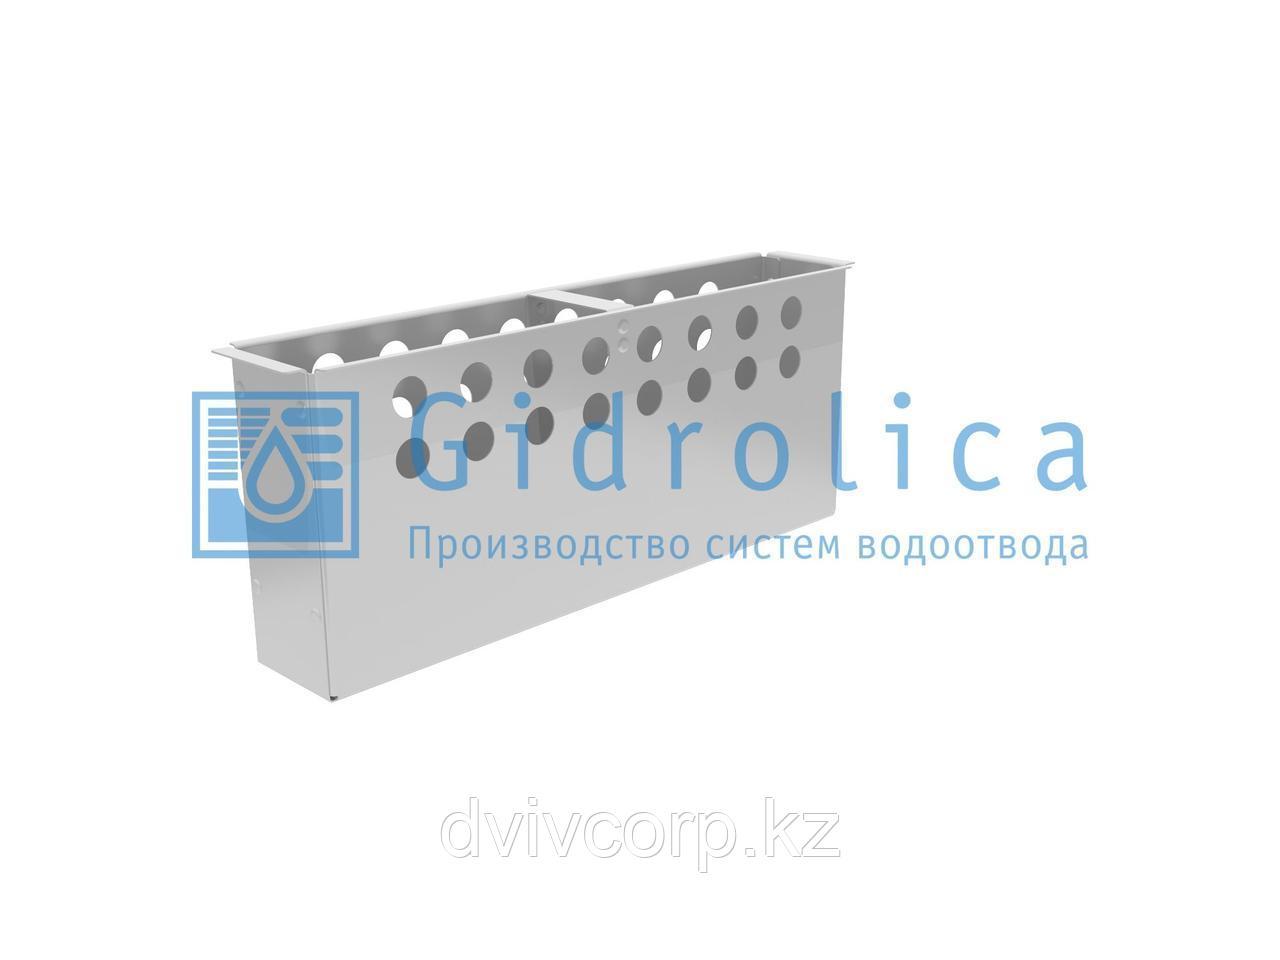 Корзина стальная универсальная для пескоулавливающего колодца (СО-100мм)Кпк 10 - 40.8.16,4